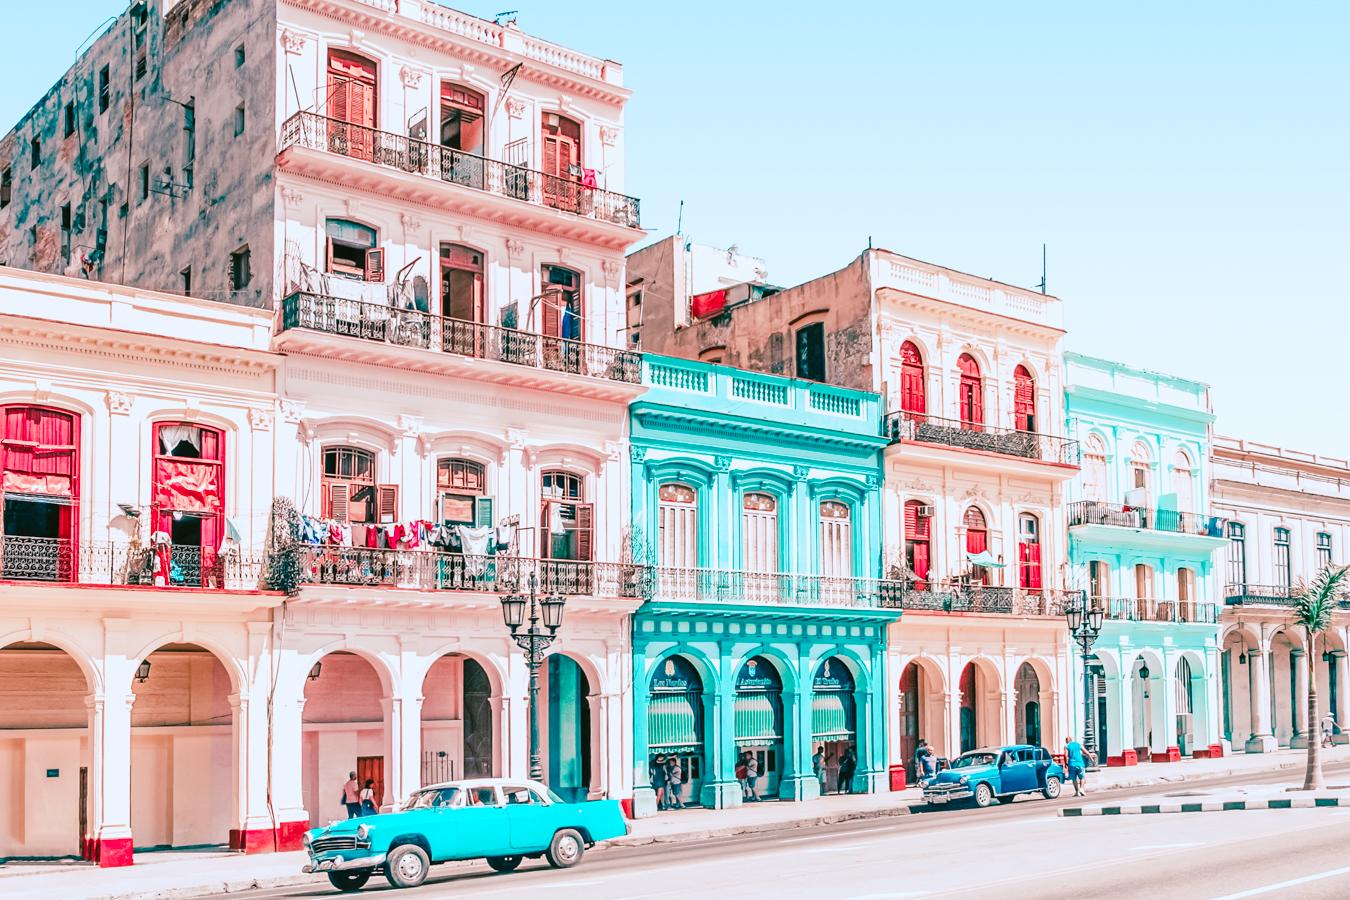 Instagrammable buildings in Havana